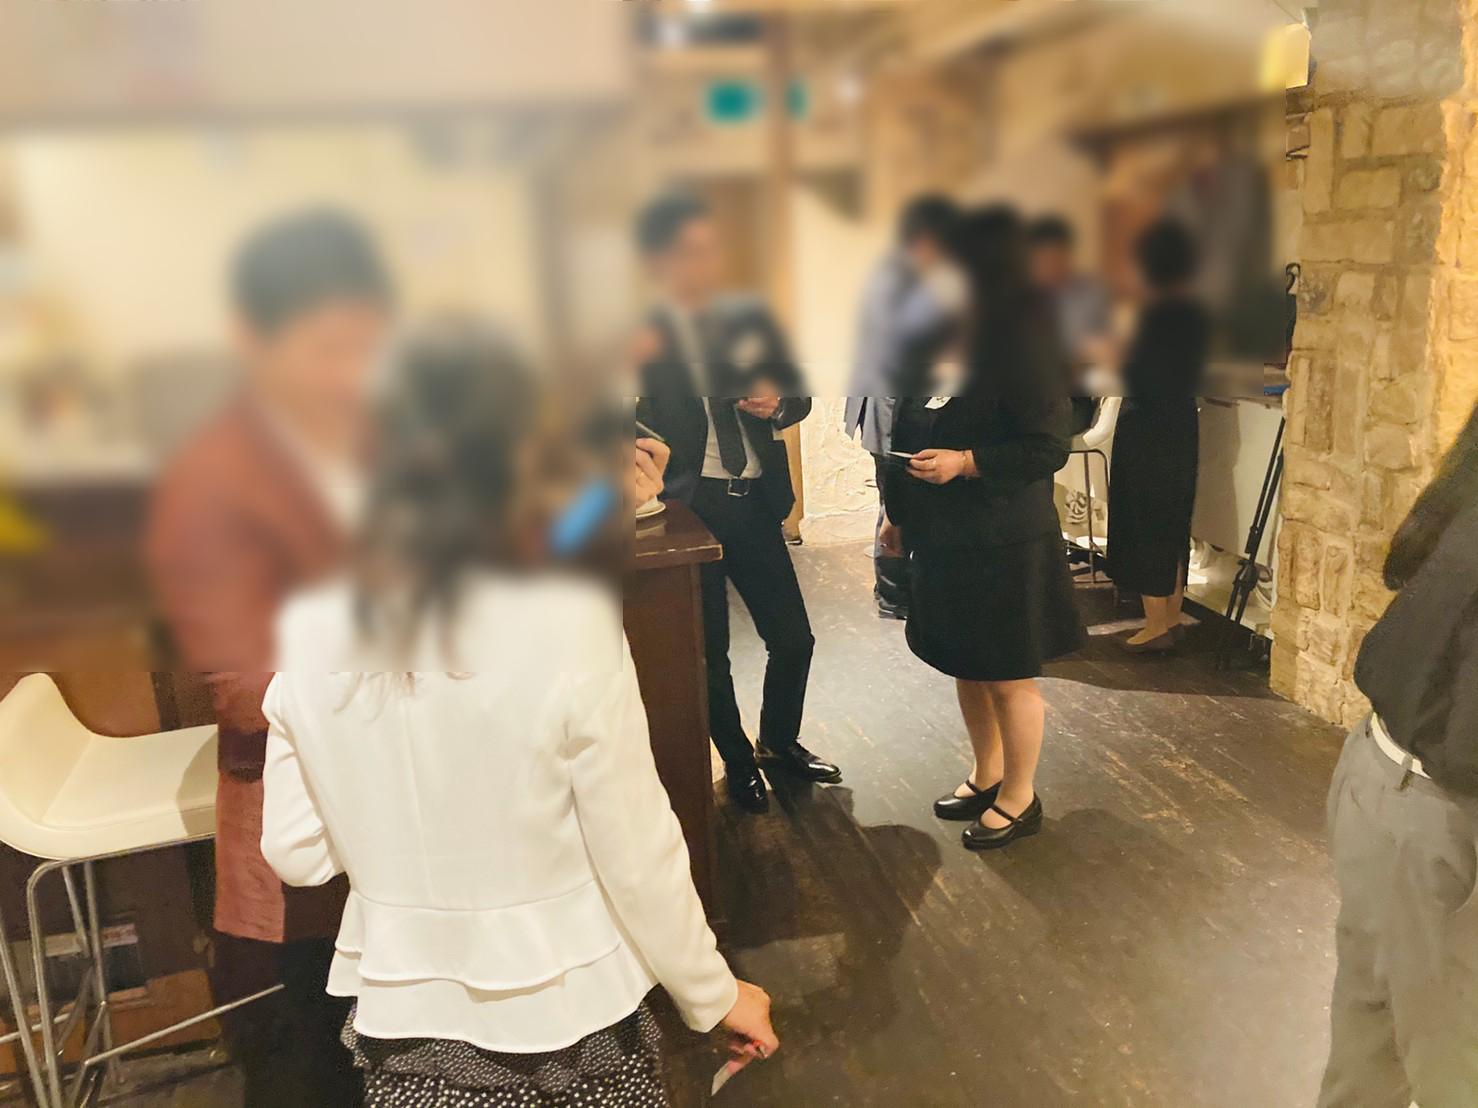 第59回名古屋異業種交流会 当日写真4